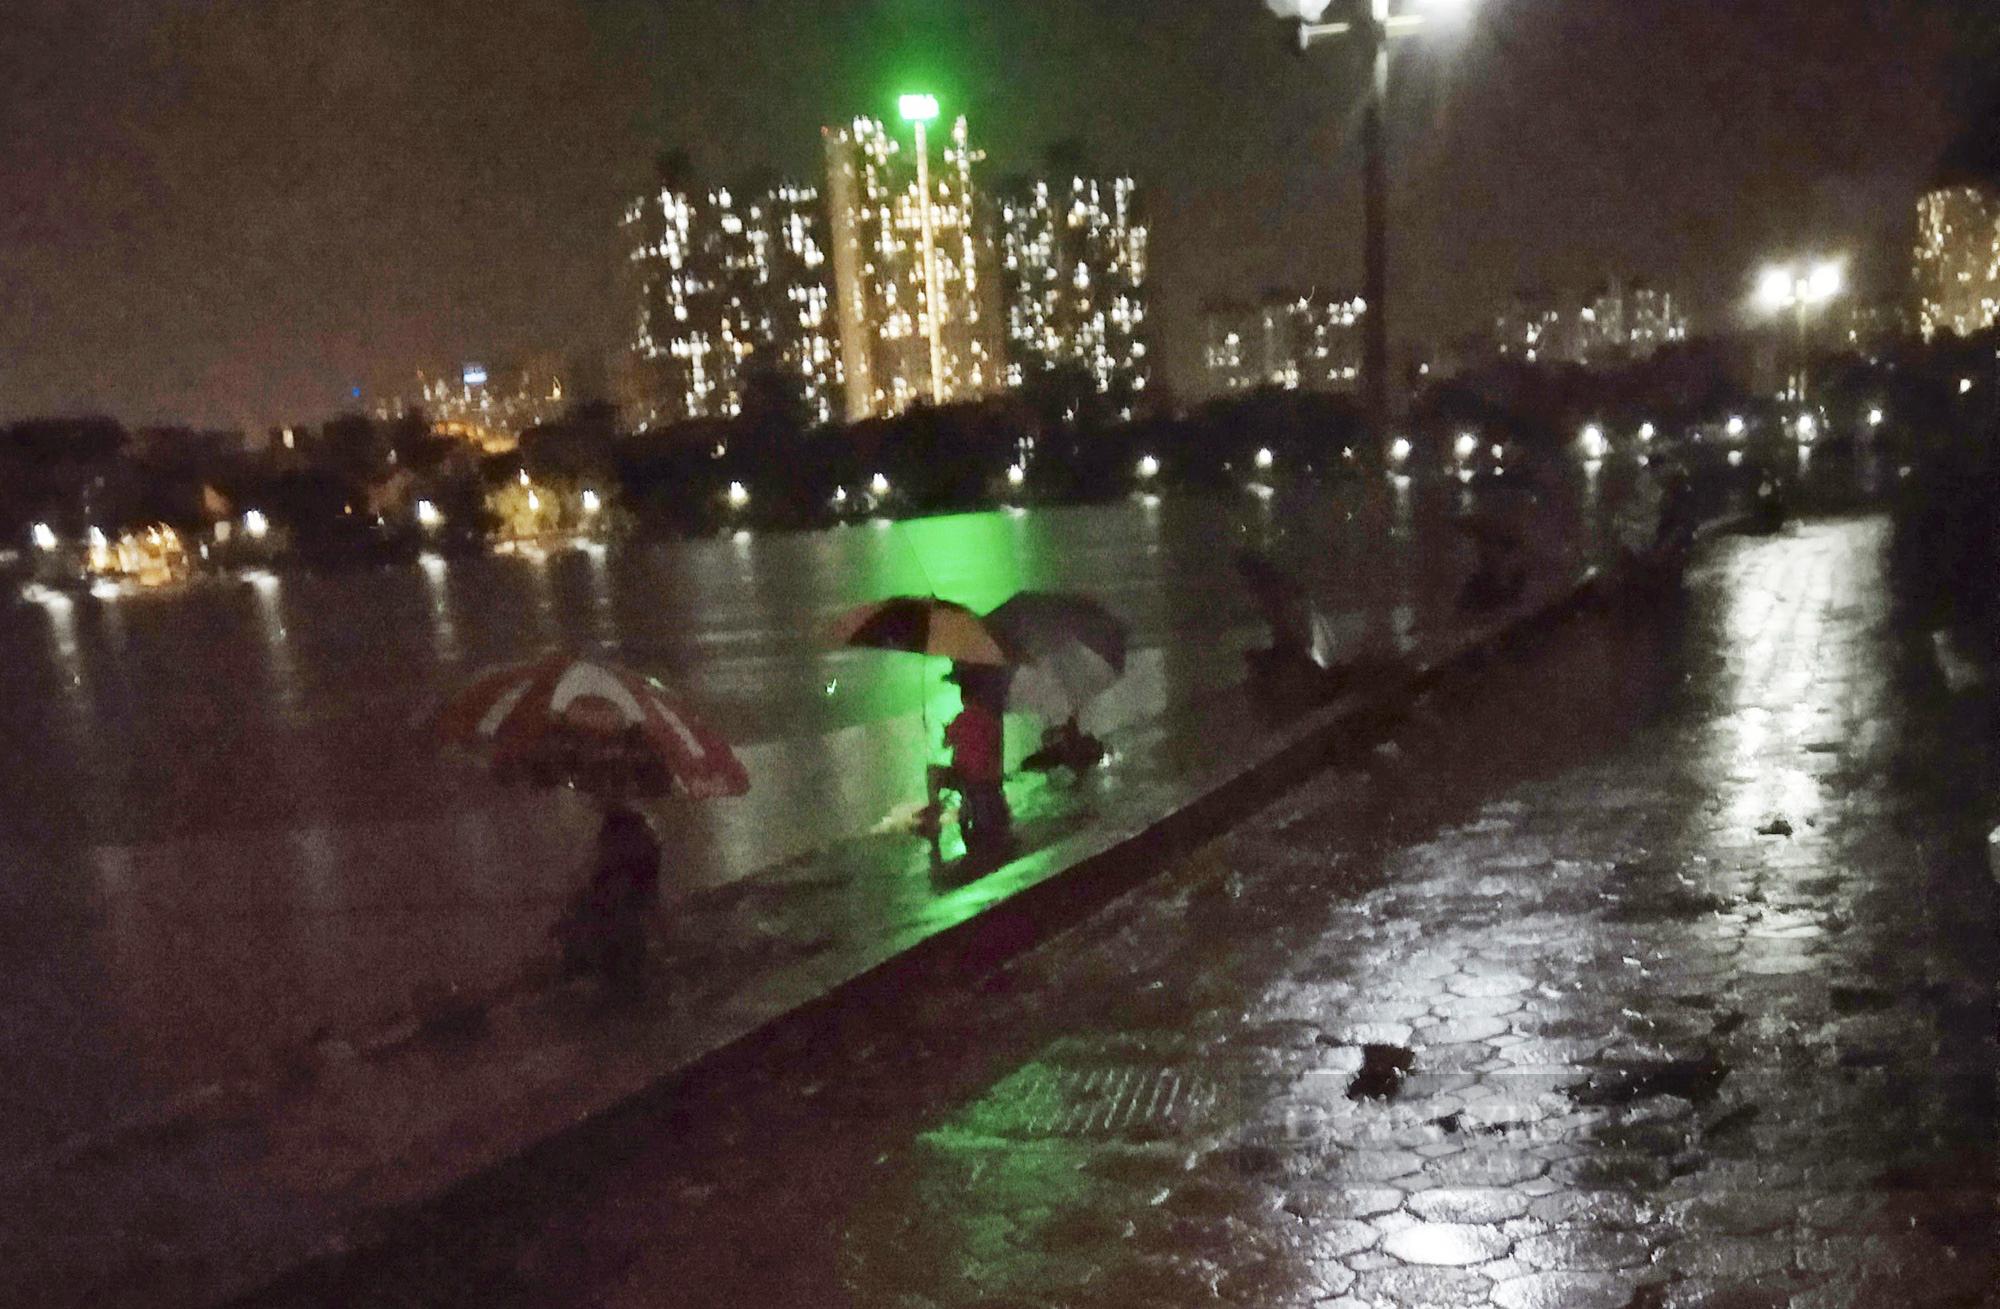 Hà Nội: Hàng trăm người câu cá tại hồ Định Công, ai chịu trách nhiệm? - Ảnh 1.